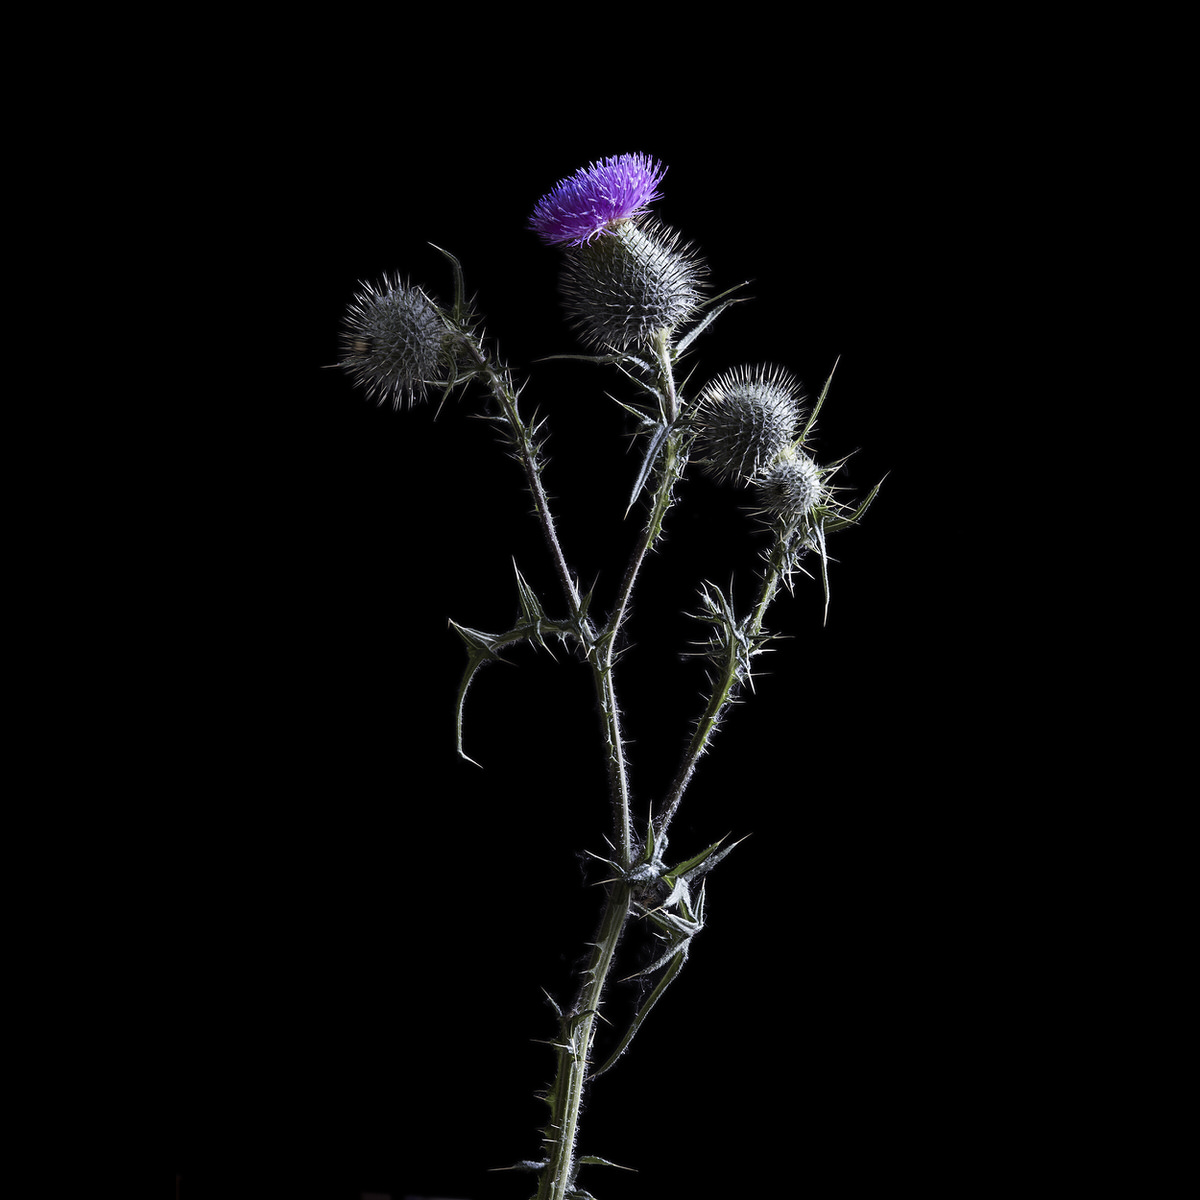 Flowers#015_4129-1.jpg